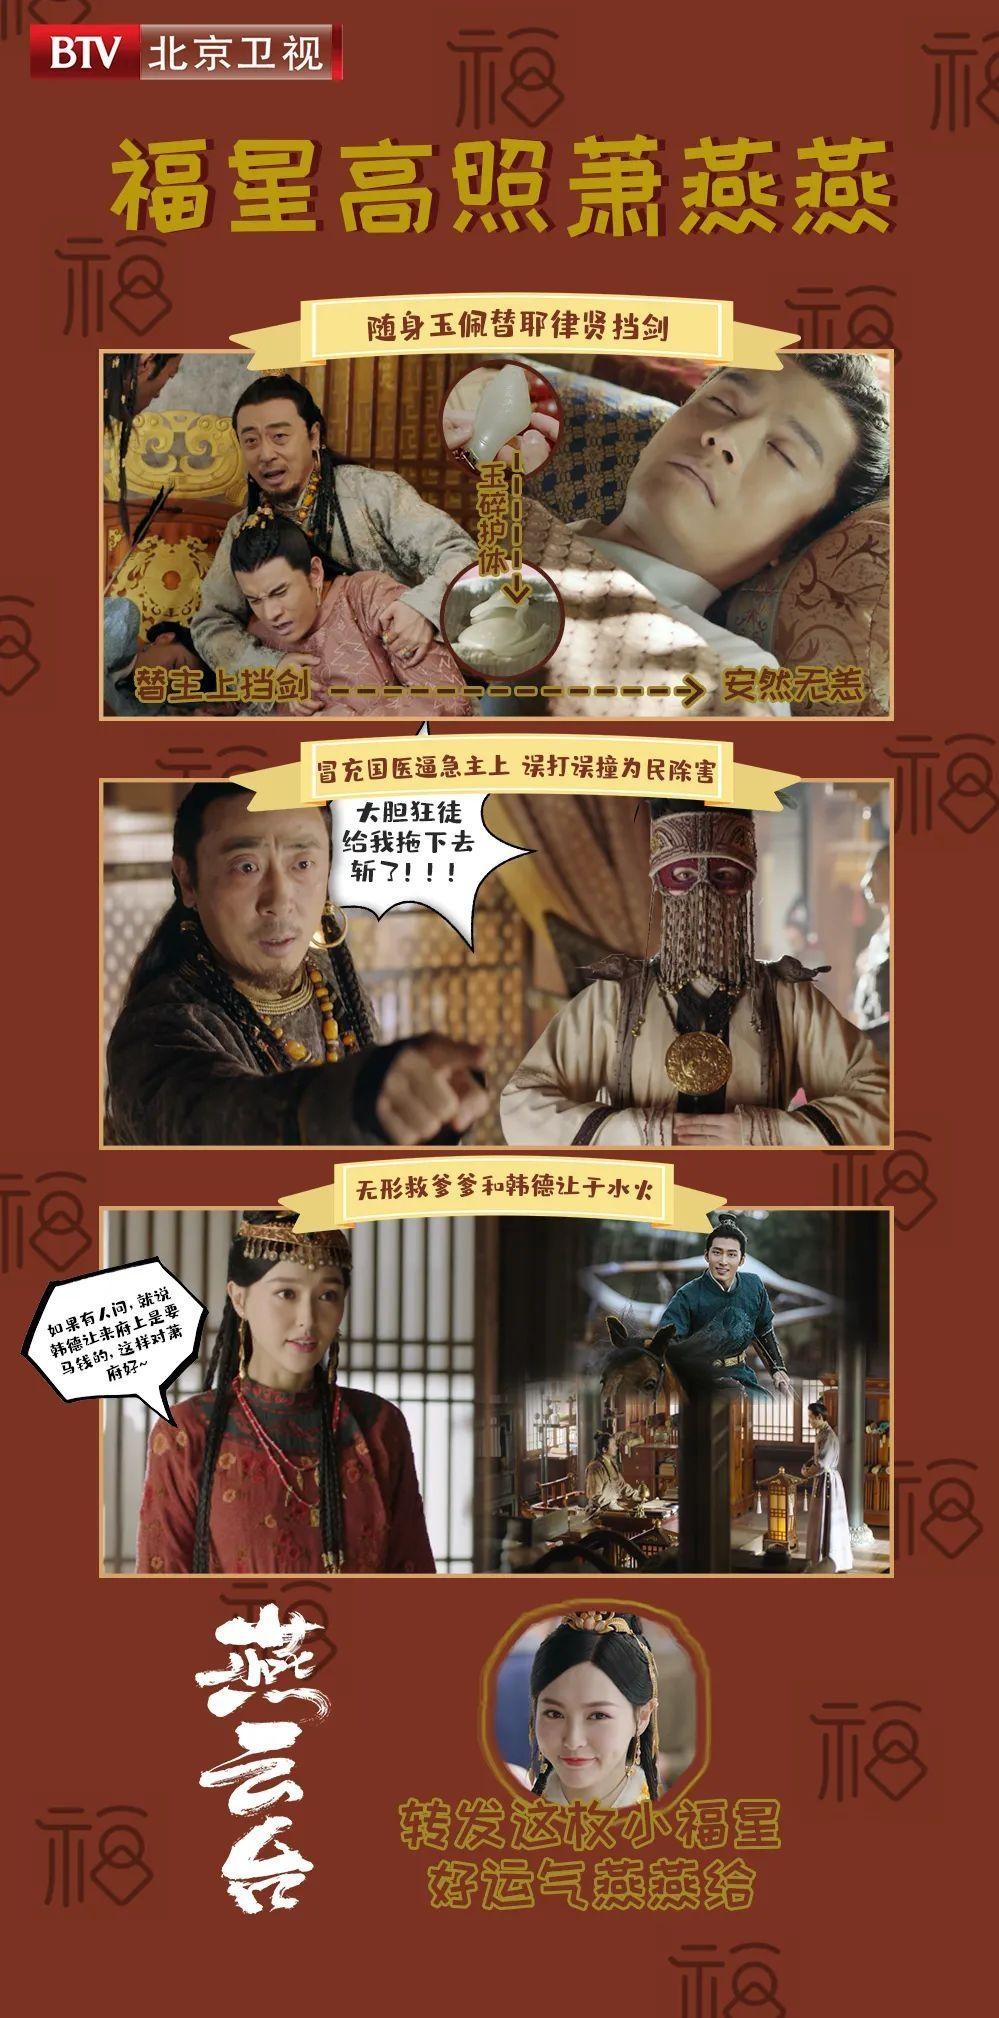 北京卫视《燕云台》草原小福星,萧燕燕走到哪好运就到哪